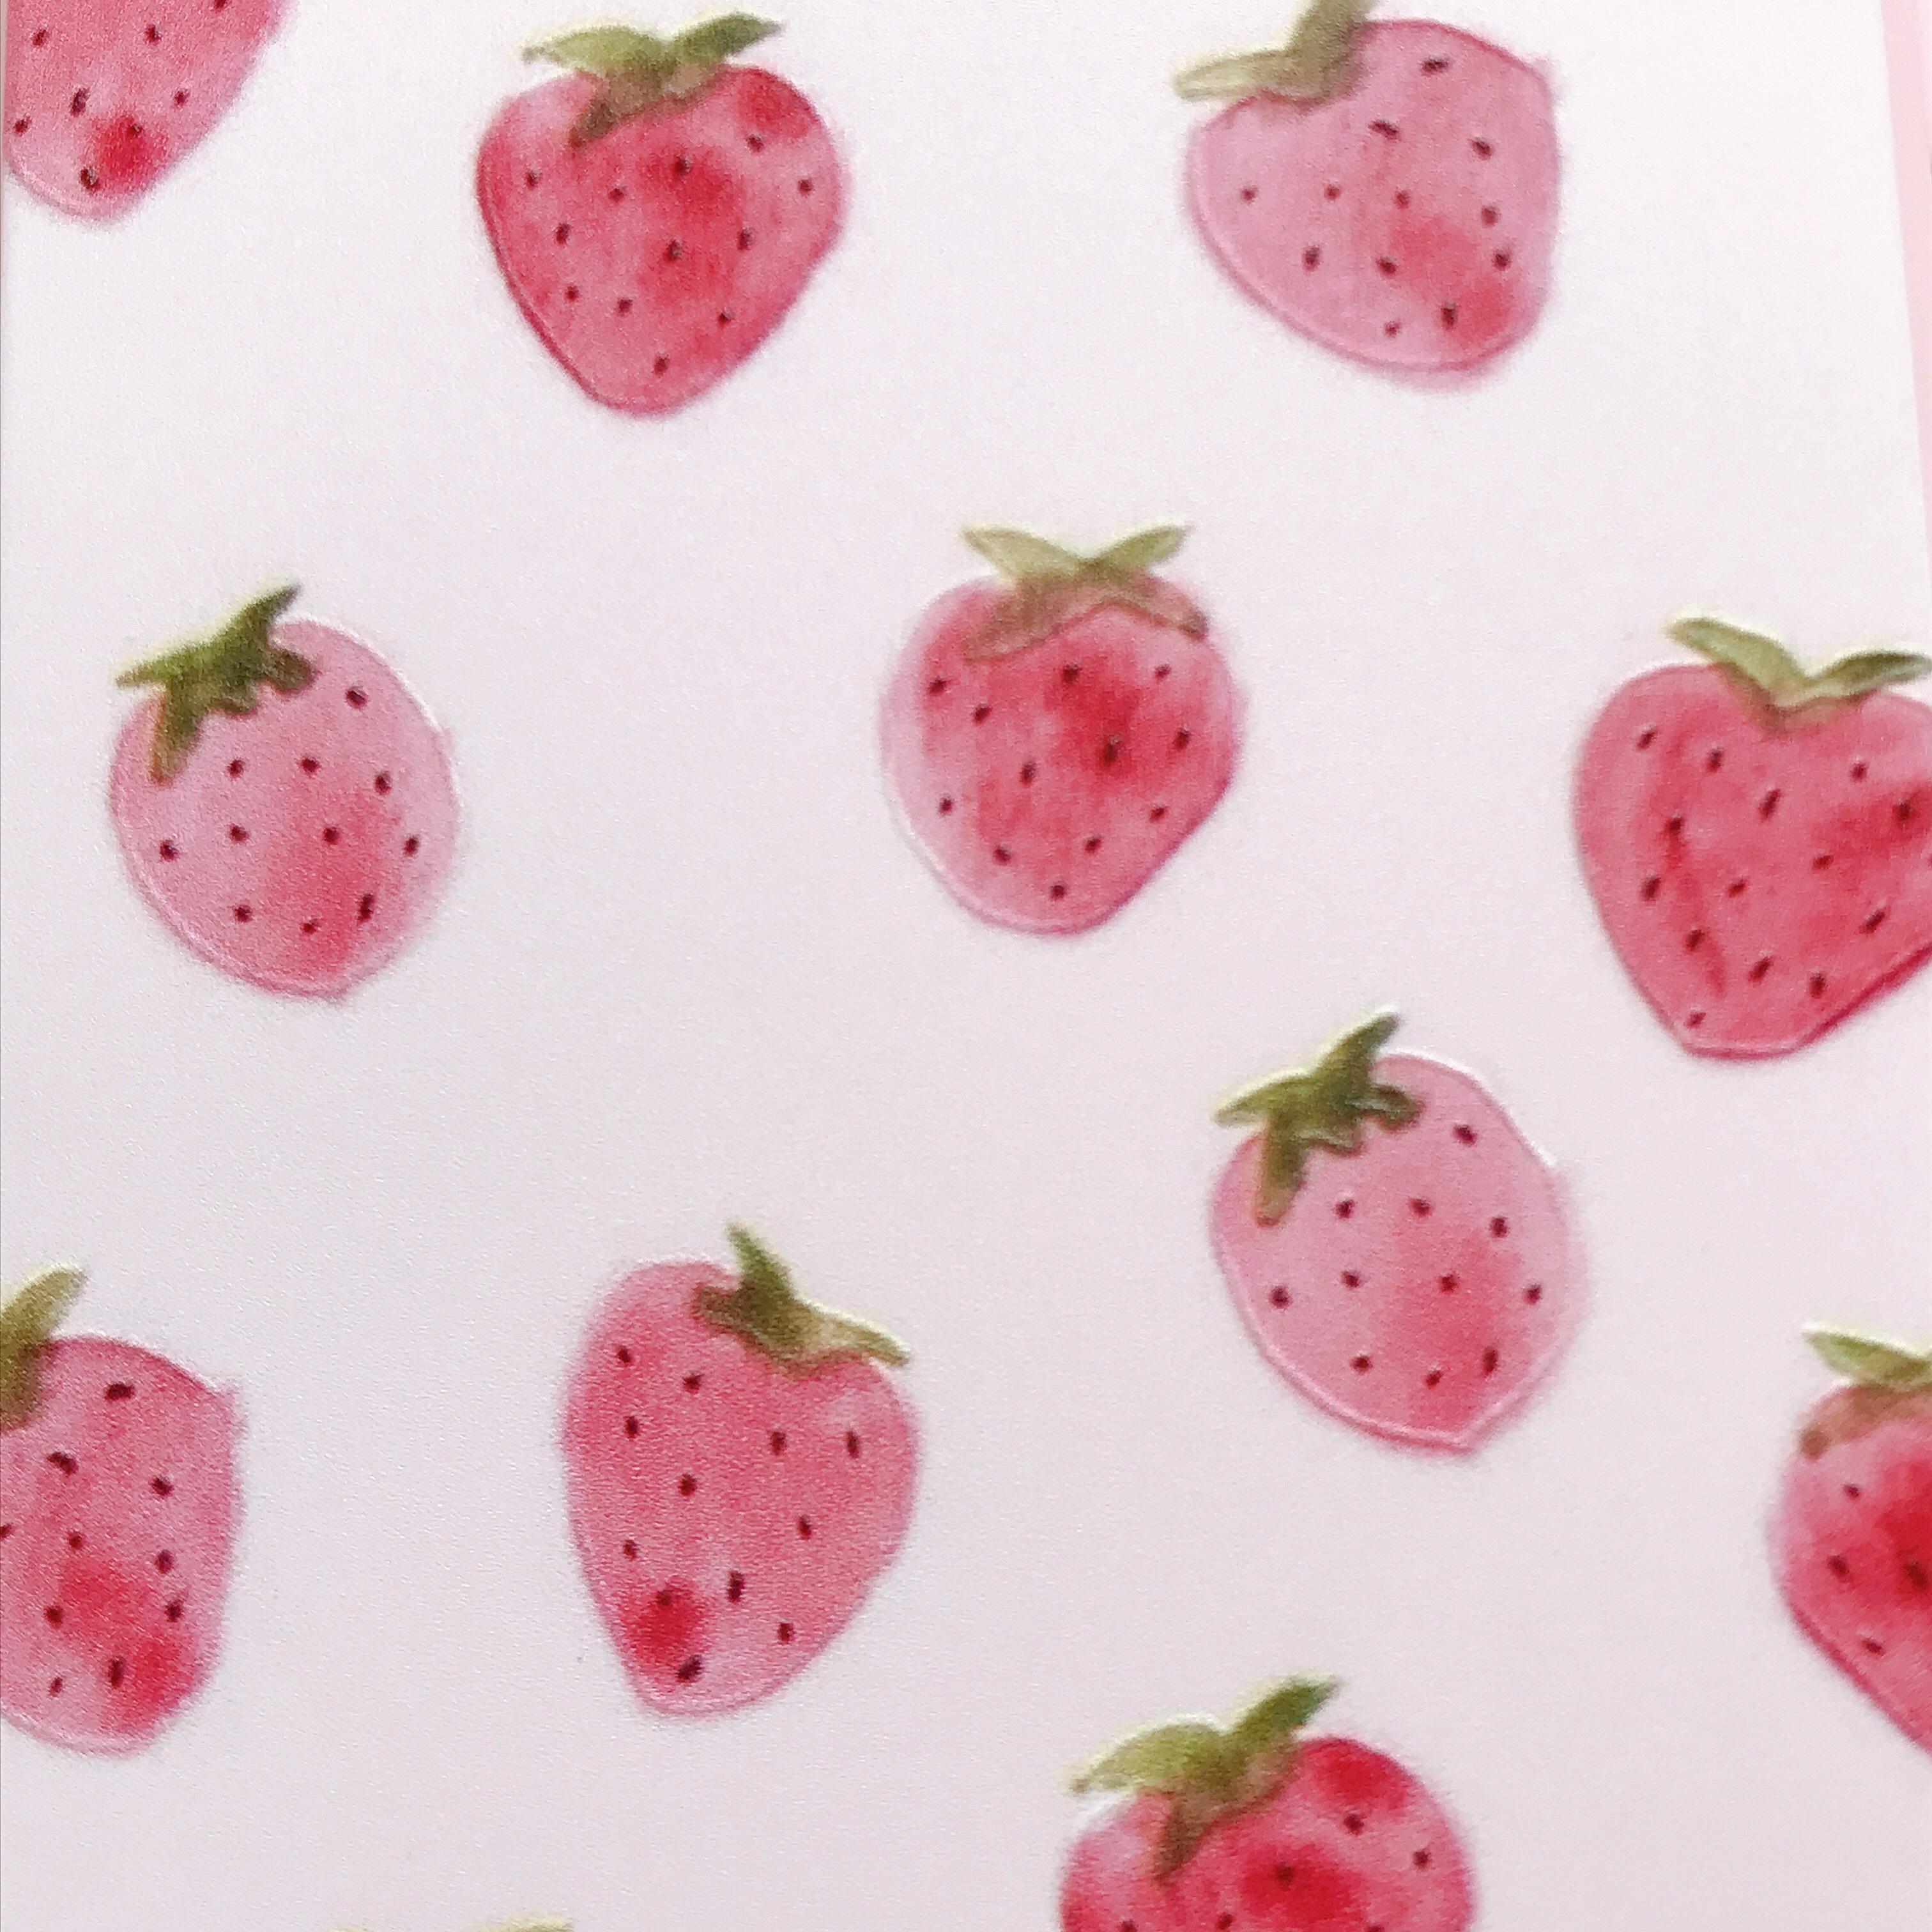 ふんわり苺イラスト ソフト Ipnoneケース Iphoneケース専門店 Loulou キラキラ ピンク ハート シンプル おしゃれで かわいい